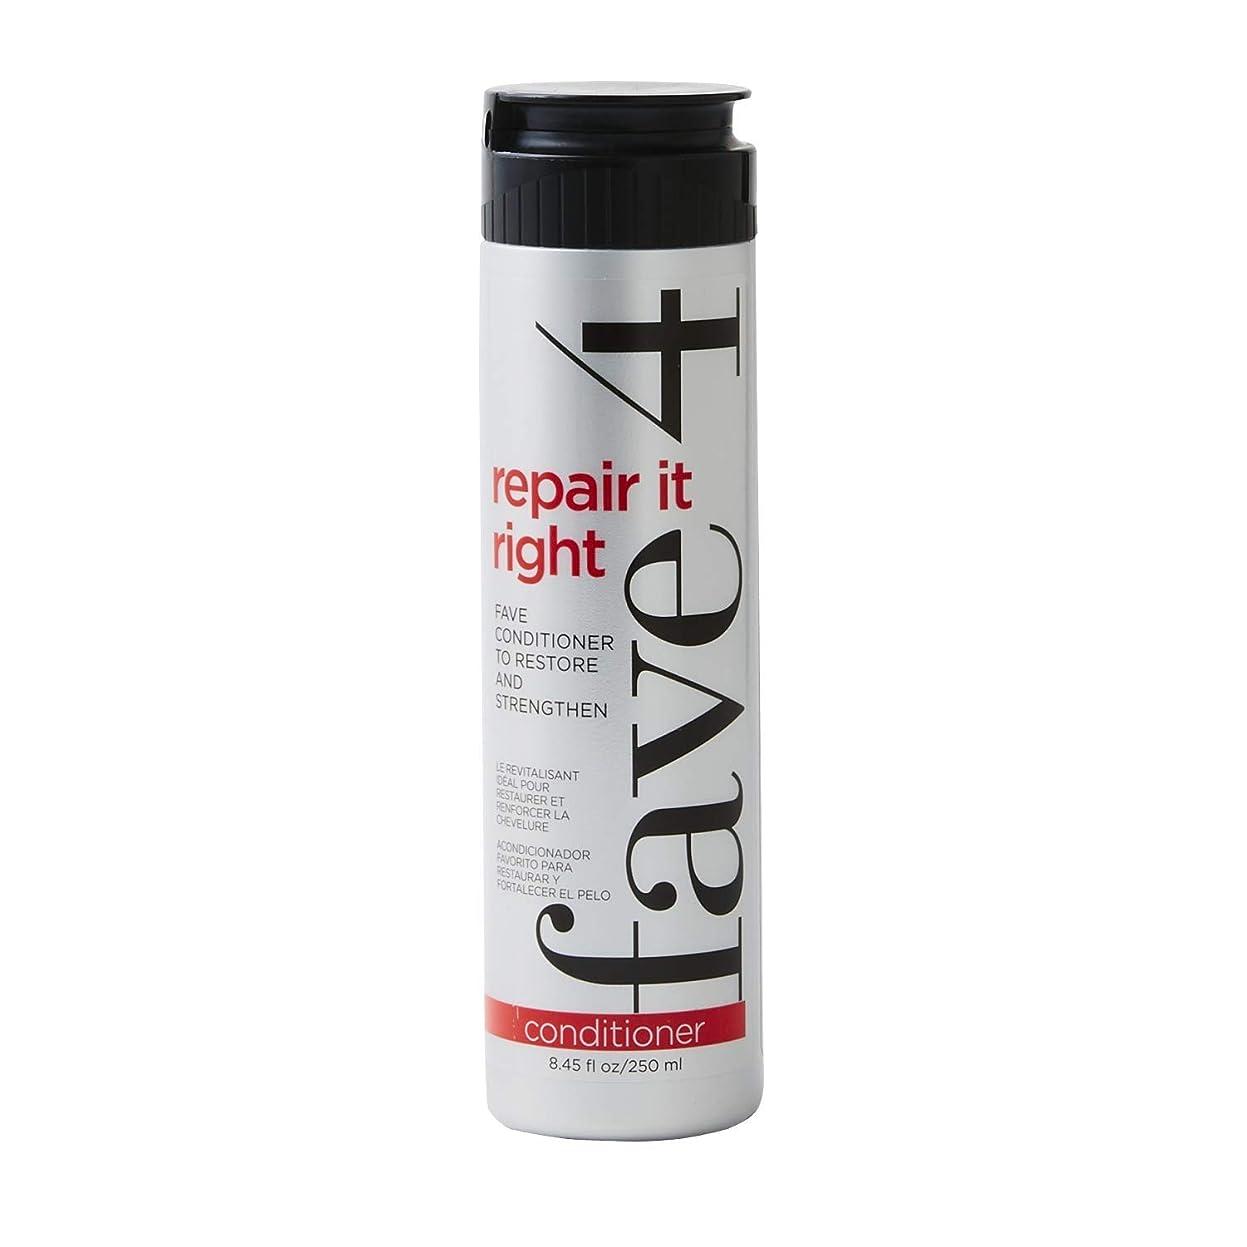 はげ代表温かいfave4 復元し、強化するために右フェイブConditonerそれを修復 - 硫酸塩フリー|パラベンフリー|グルテンフリー|無添加塩化ナトリウムありません|虐待無料|色処理した毛髪、8.5オンスのための安全な 8.5オンス